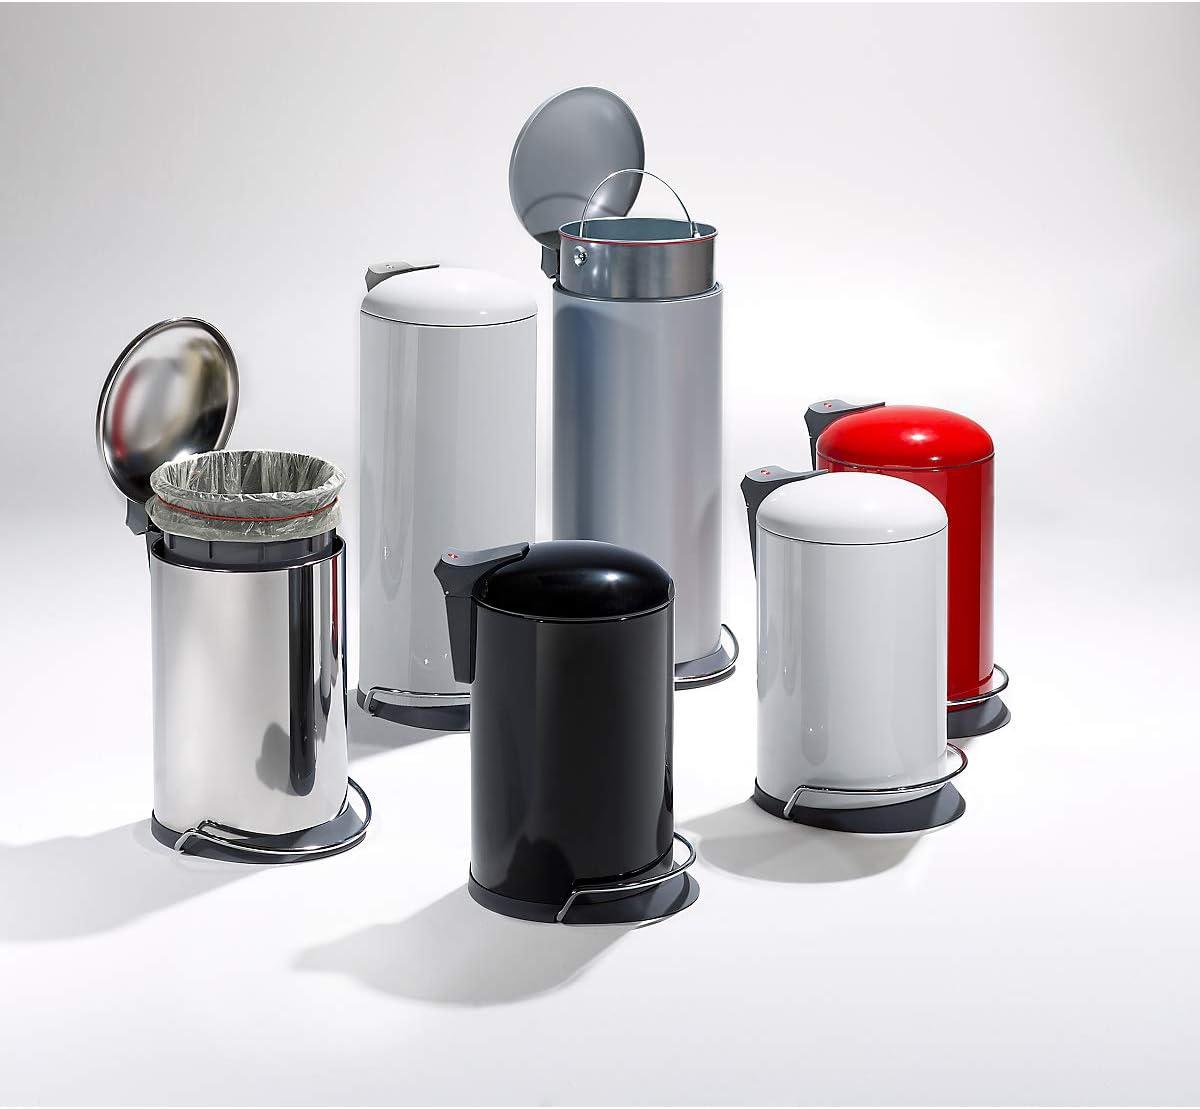 0619-000 Soft Close Hailo ProfiLine Solid /Öko M M/ülleimer aus Edelstahl//Kunststoff, 17 Liter, gro/ßer /Öffnungswinkel, Deckeld/ämpfung